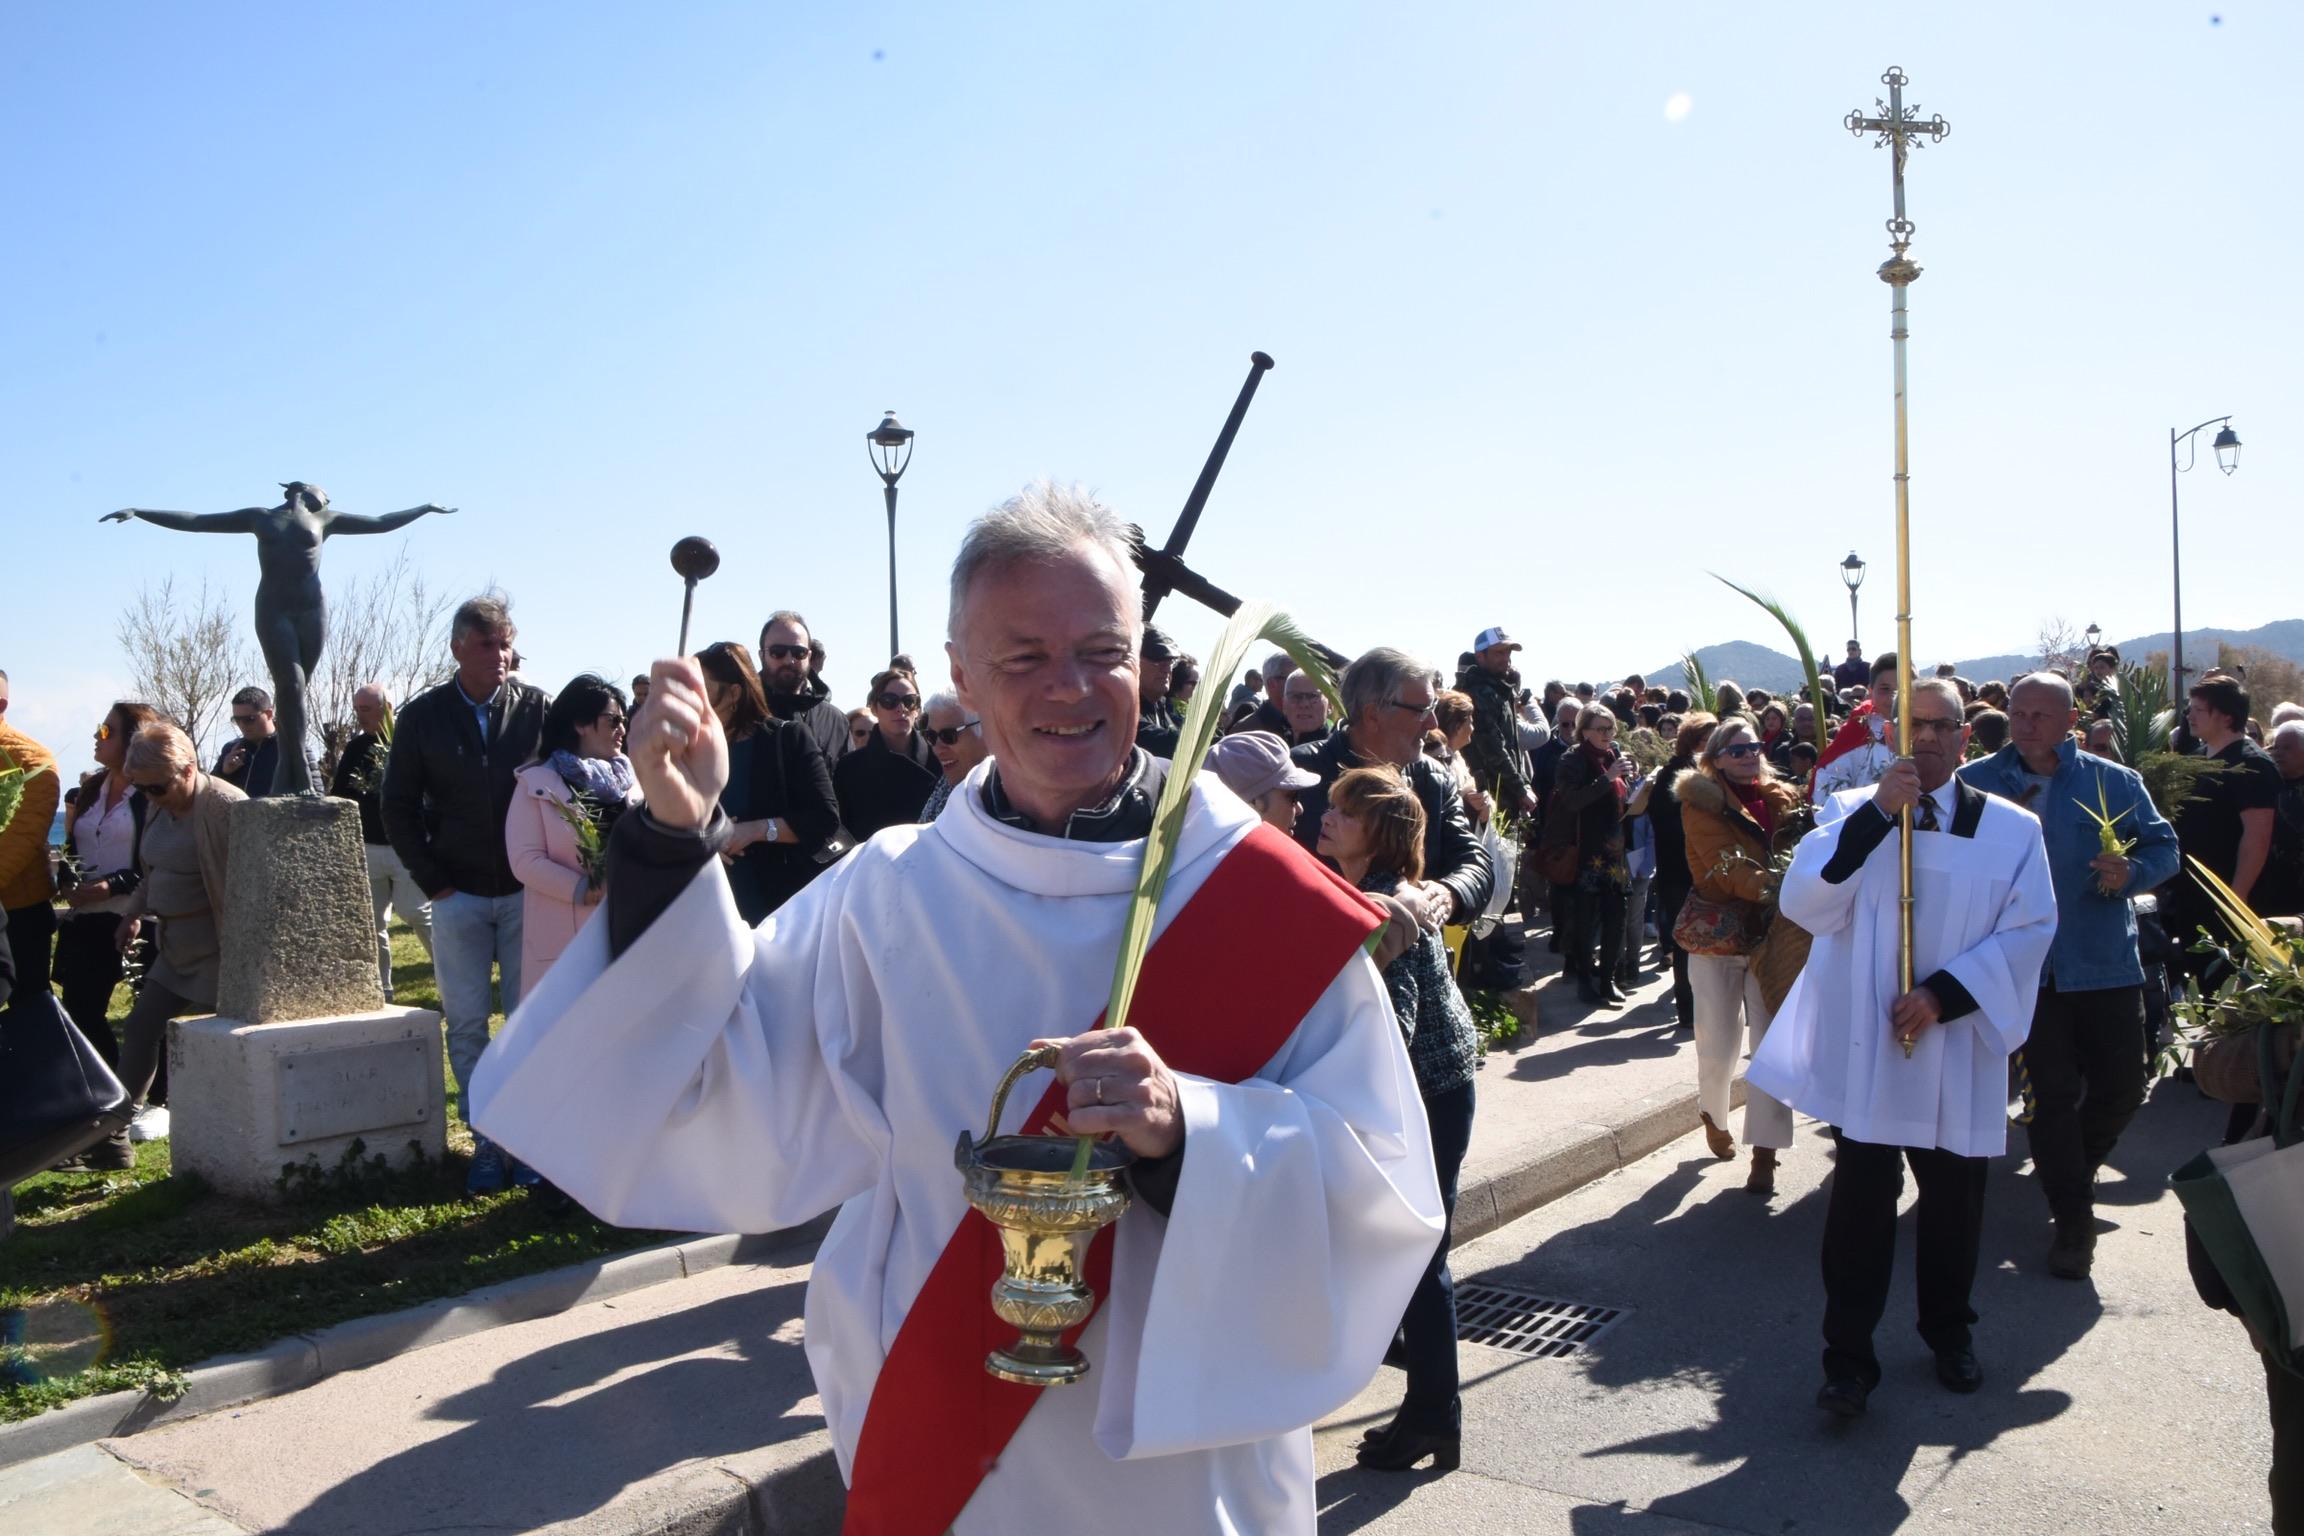 Settimana santa : u prugramma di Balagna